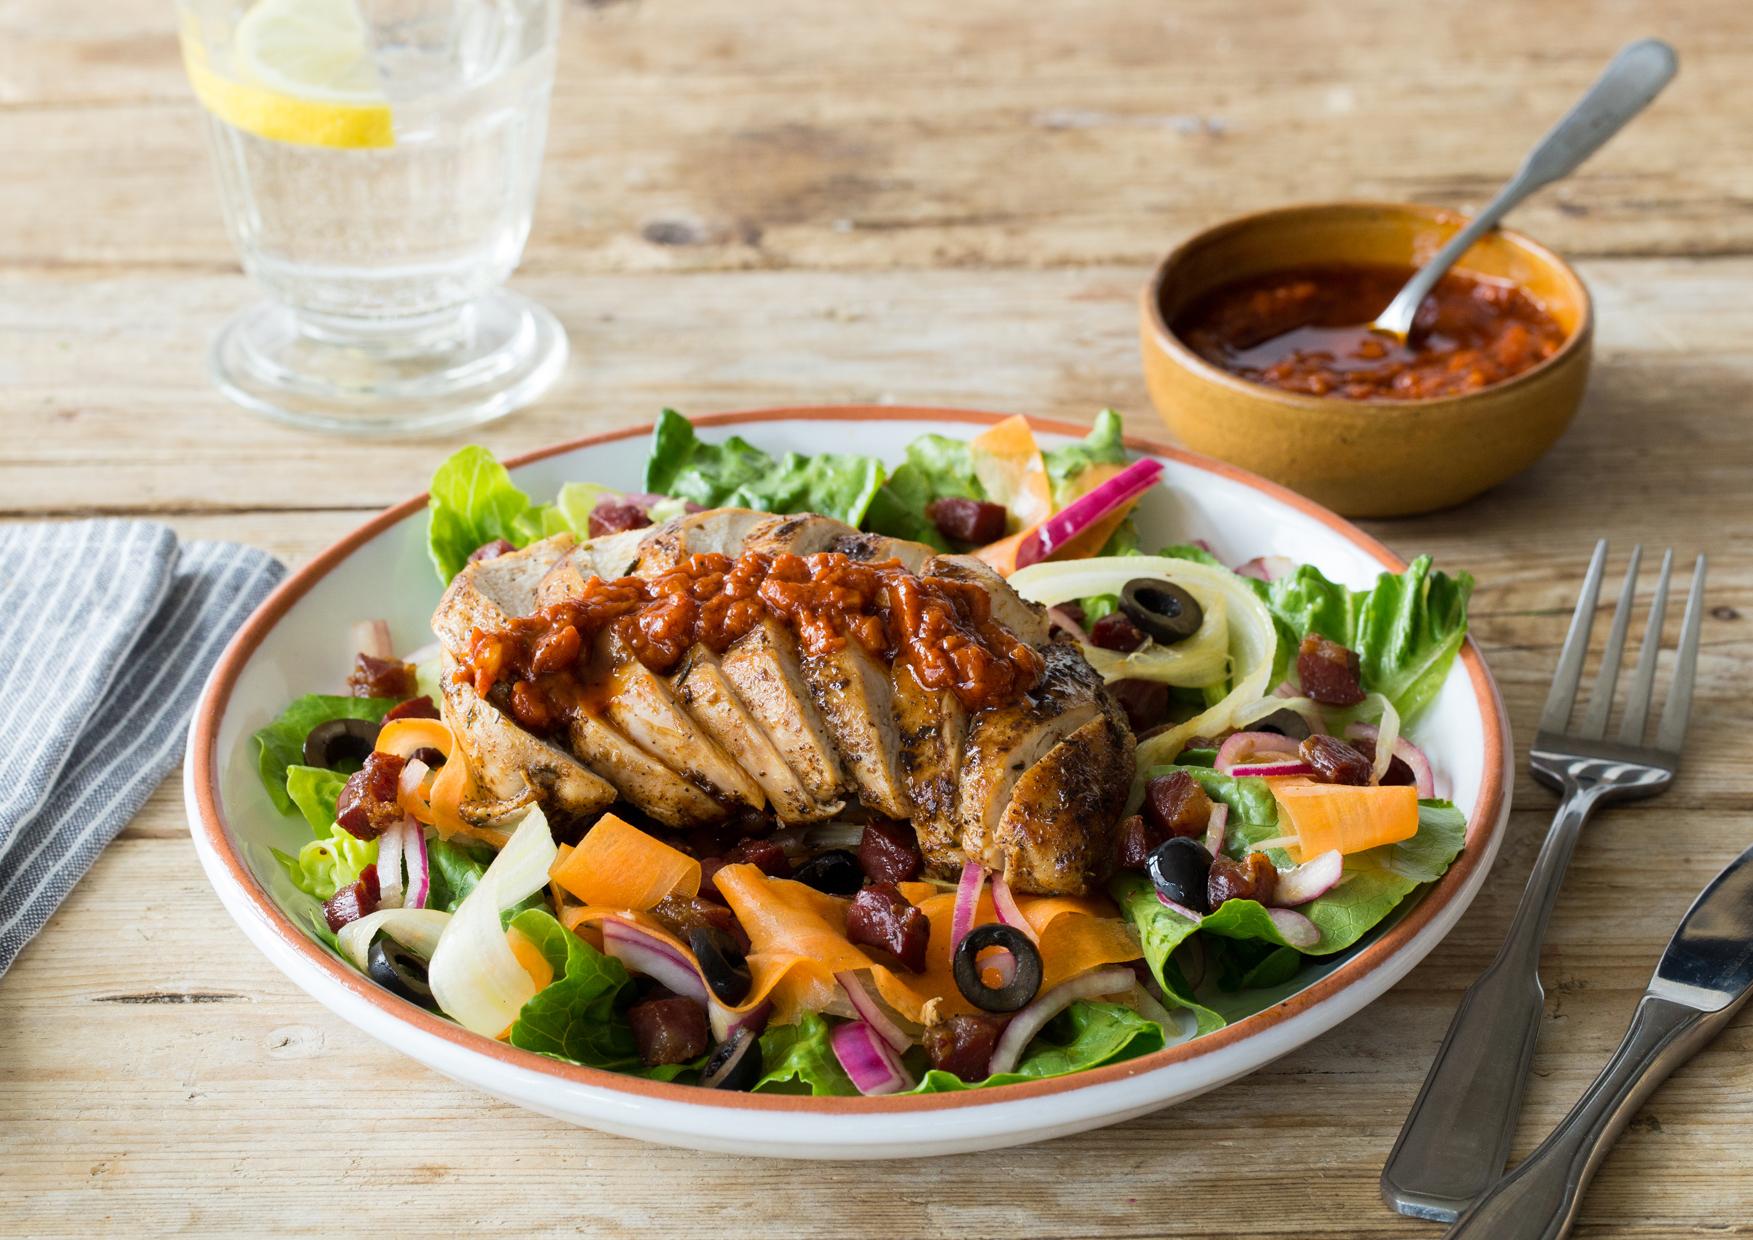 ... Pickled Red Onion & Tomato-Horseradish Vinaigrette Recipe | HelloFresh